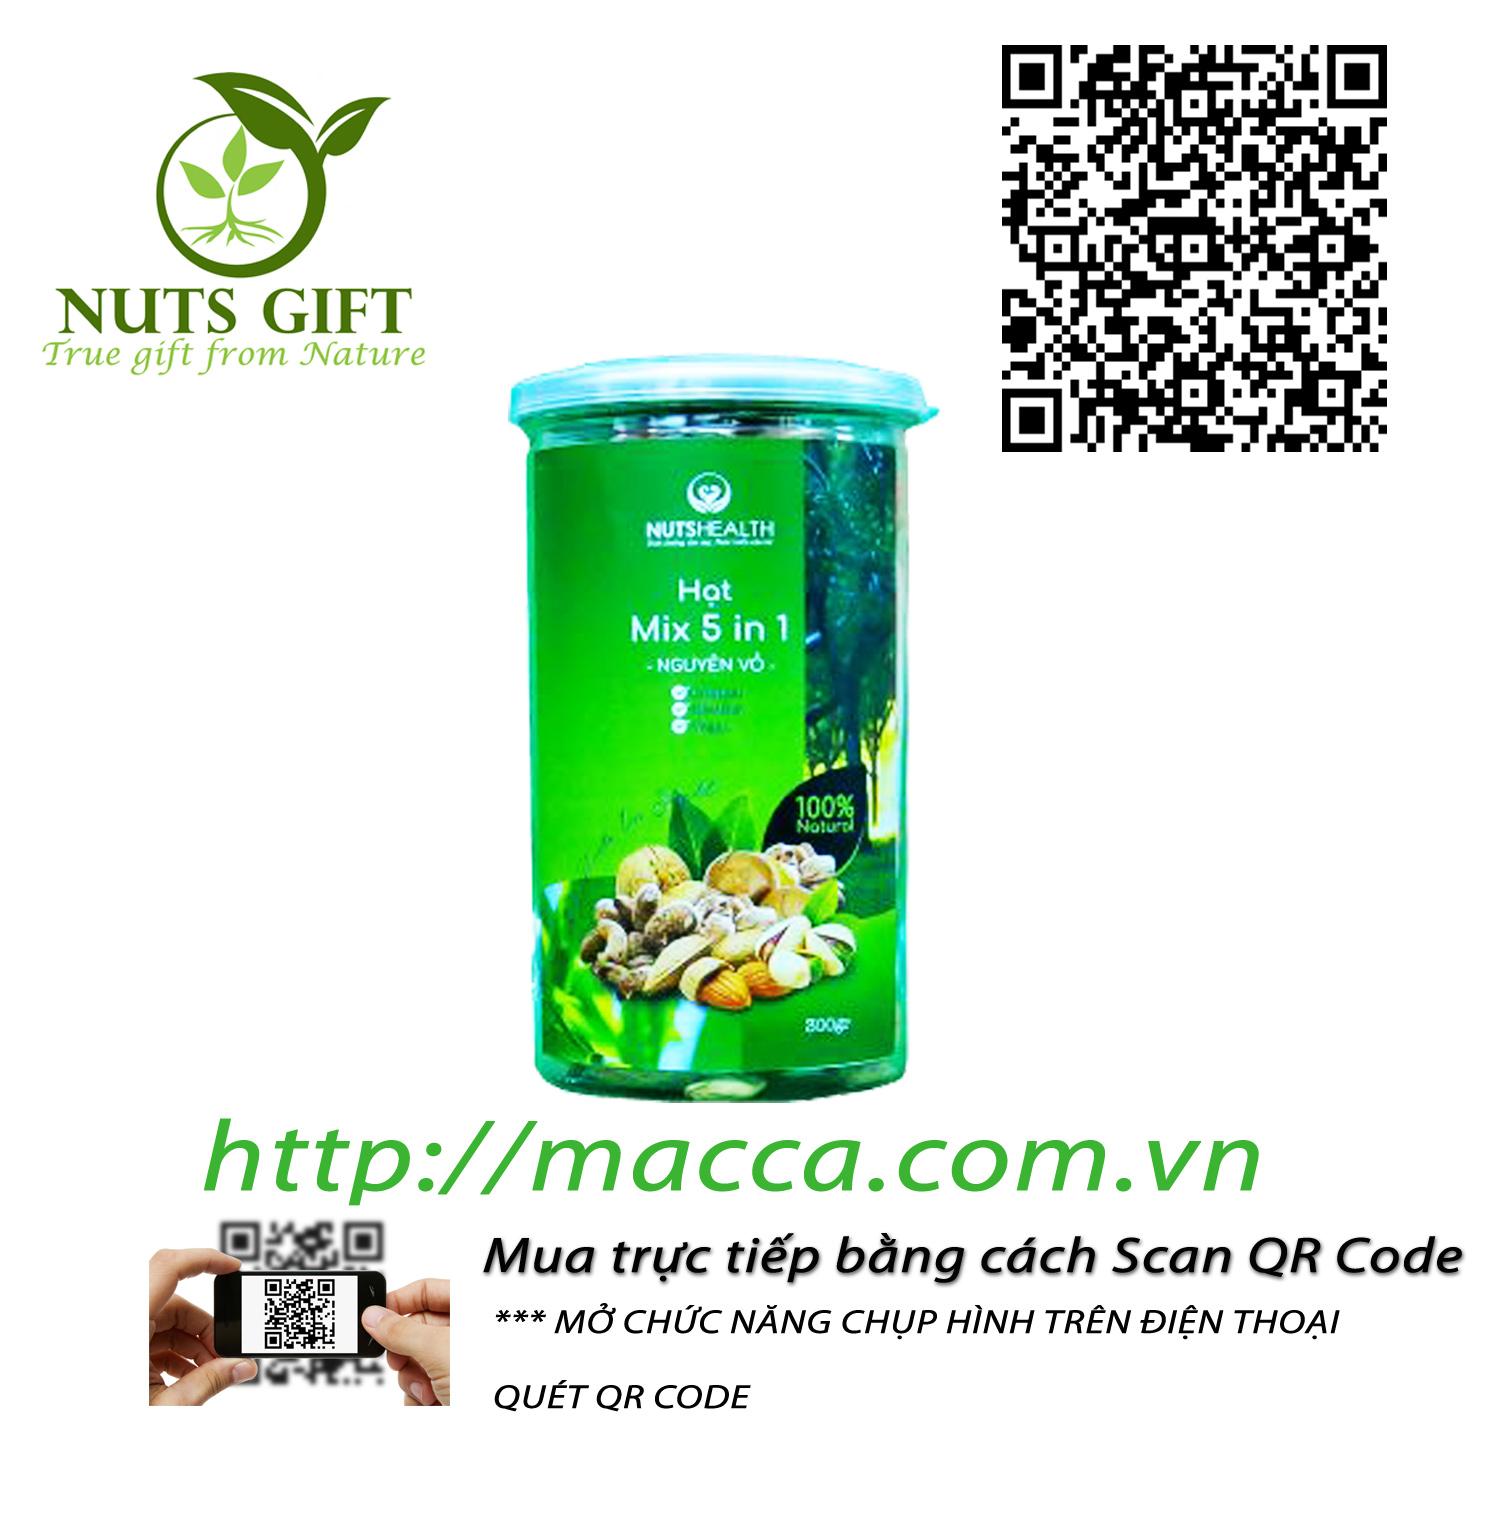 Hạt Tổng Hợp (Mixed Nuts) còn vỏ – Nutshealth – 300gr